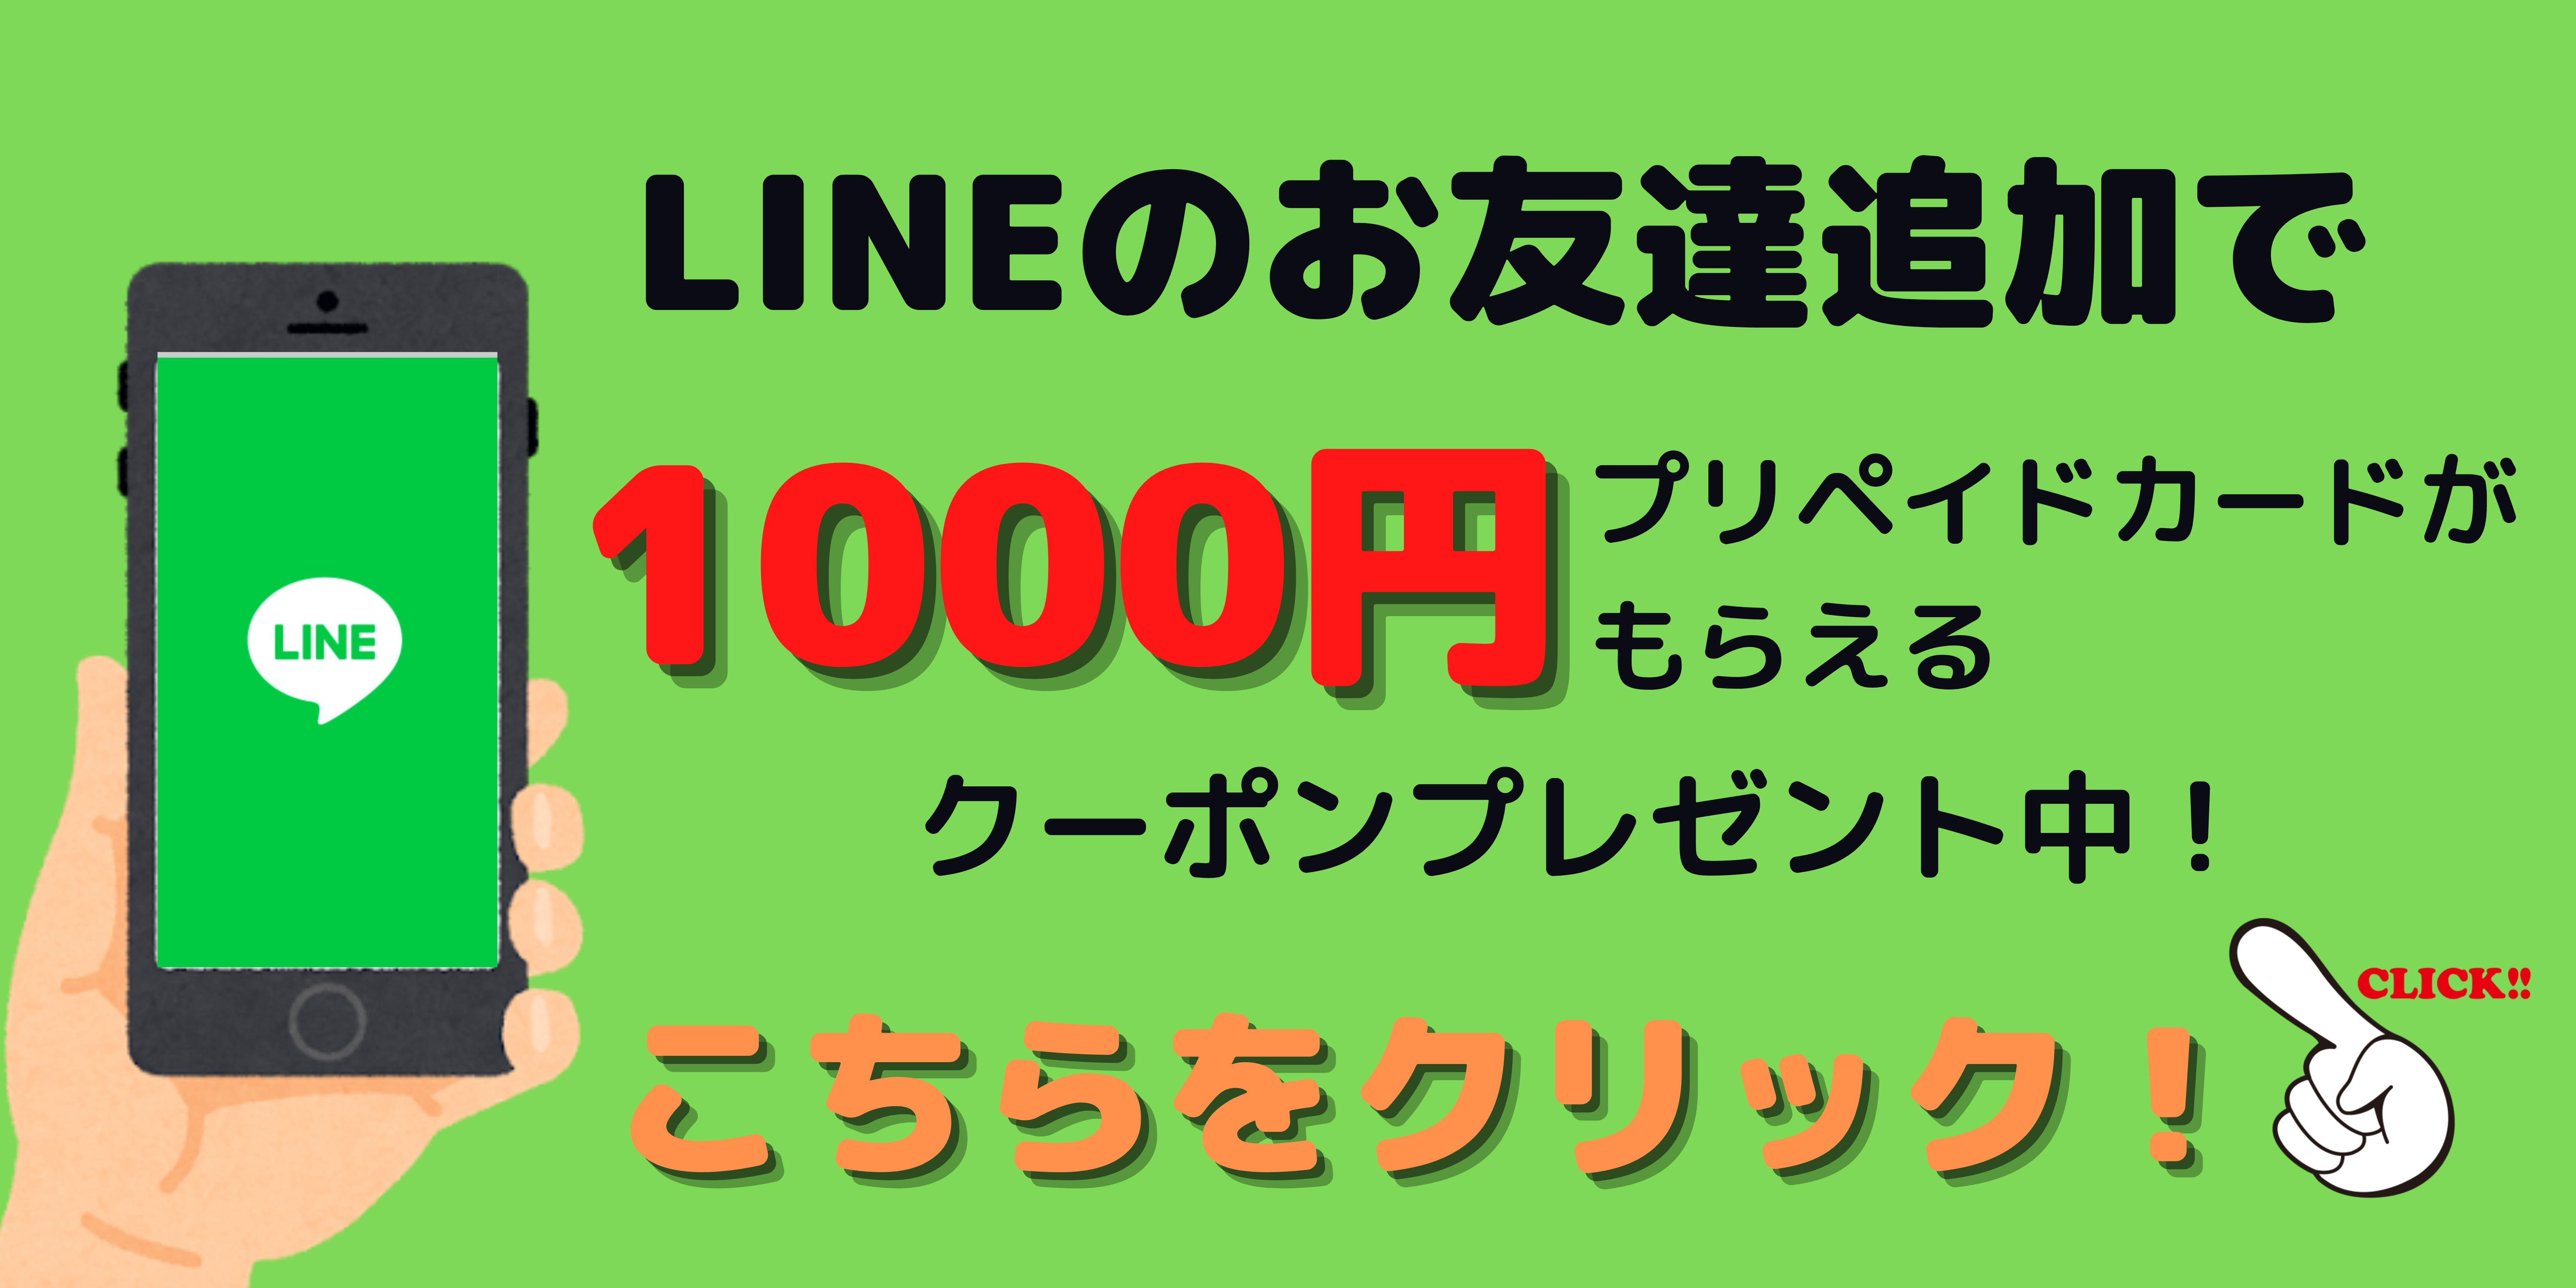 書写グリーン倶楽部LINEお友達募集中!